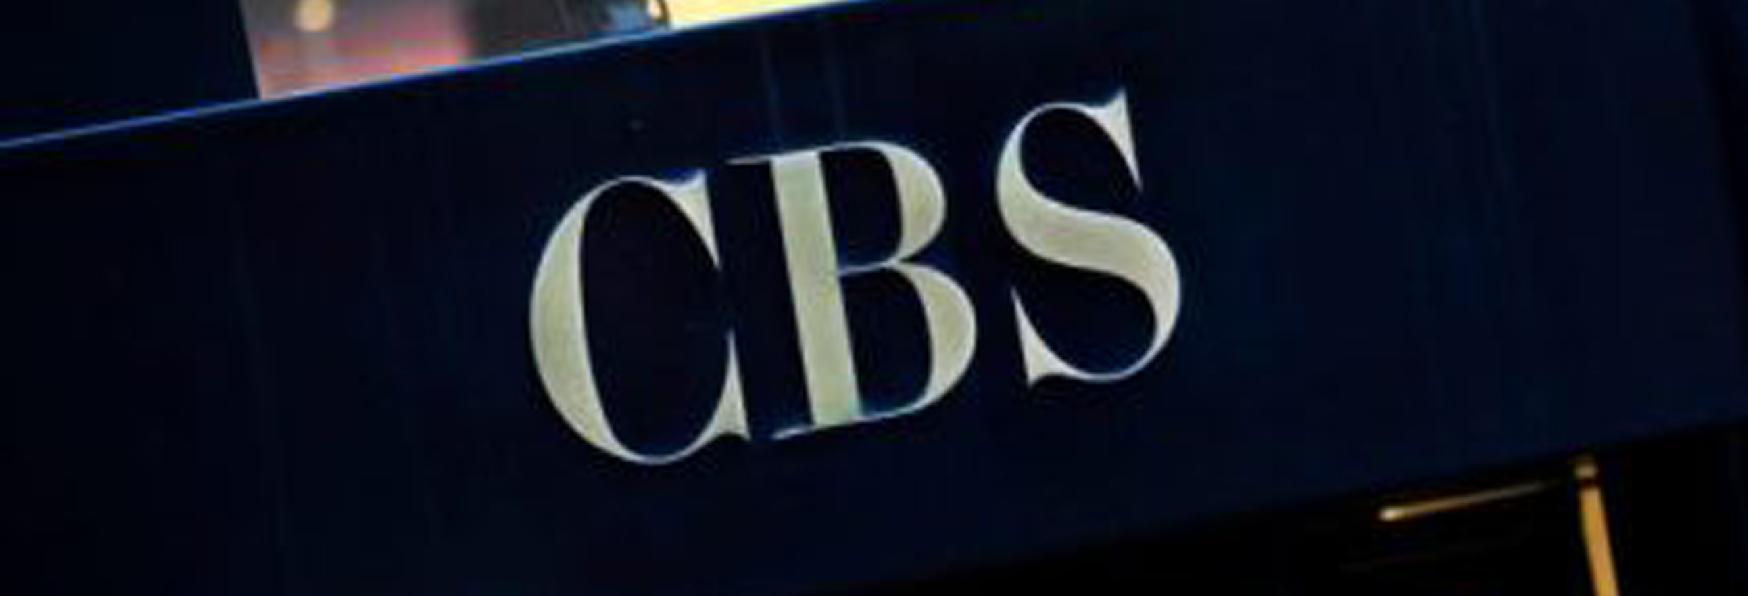 La Rete Televisiva CBS rilascia la Programmazione Autunnale 2019-2020